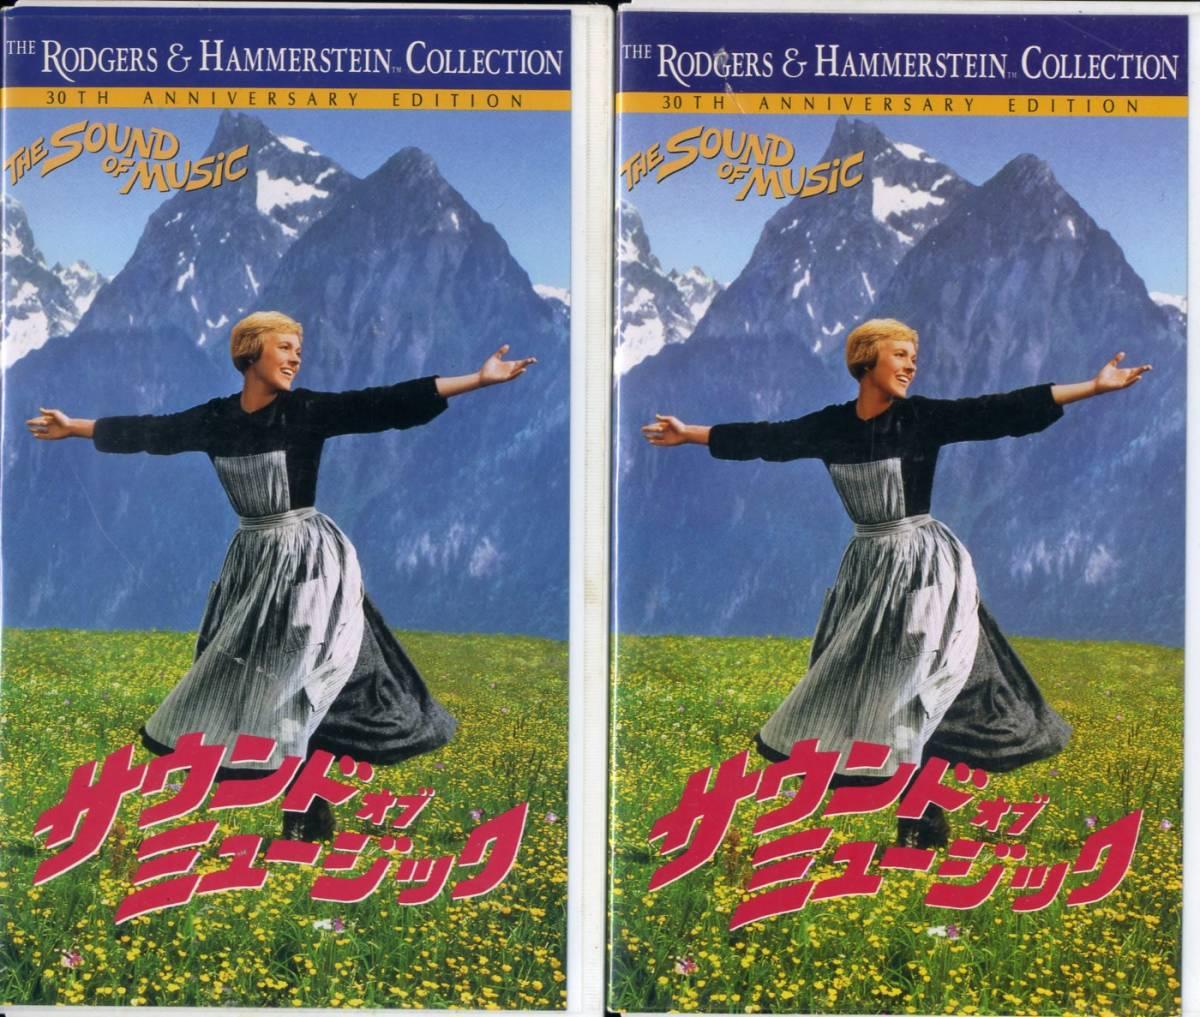 即決〈同梱歓迎〉VHS サウンド・オブ・ミュージック 前後編2本組 音楽 ビデオ◎その他多数出品中∞432_画像1